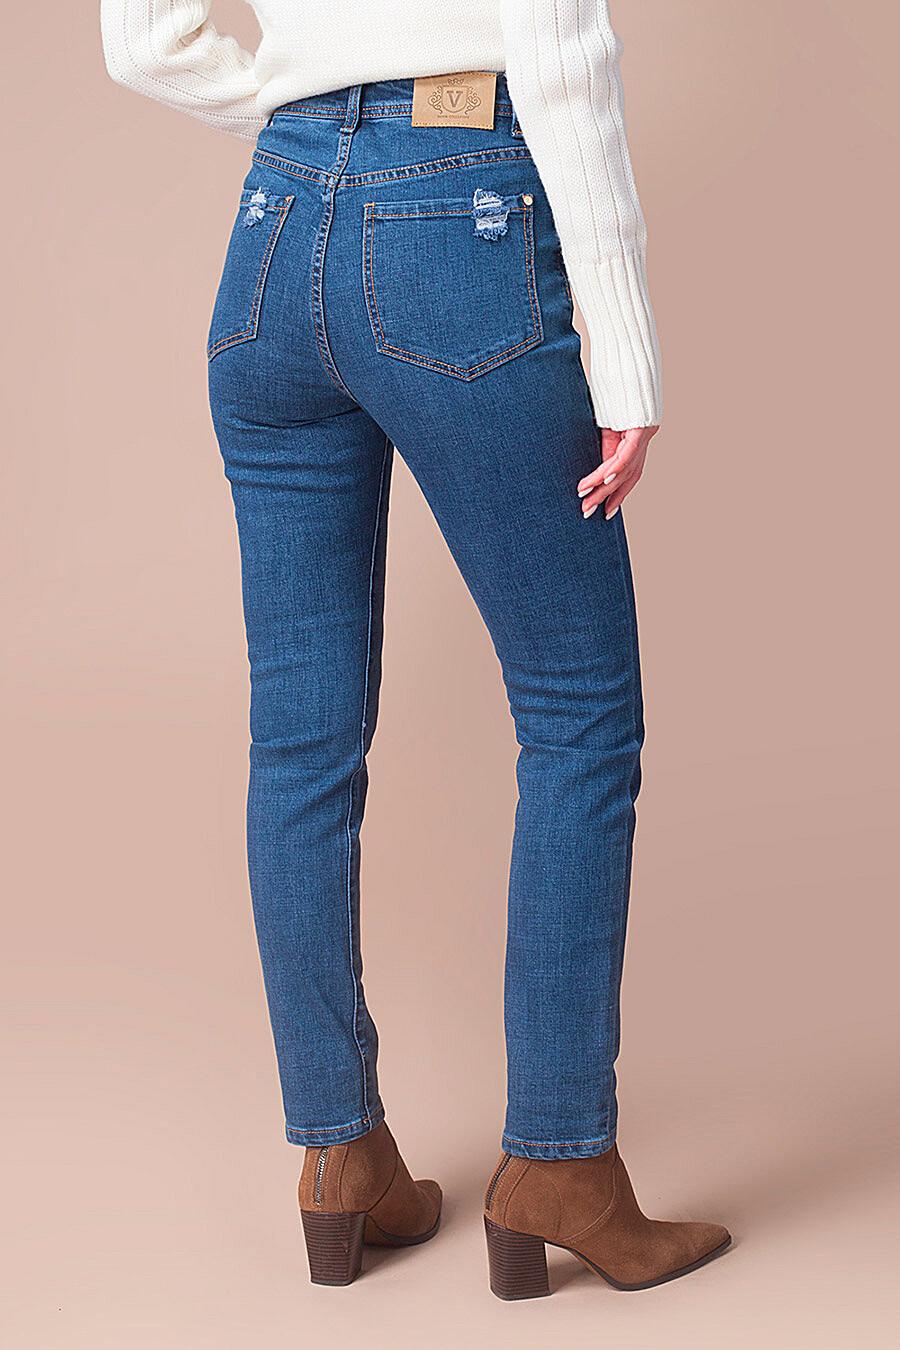 Джинсы для женщин VILATTE 707527 купить оптом от производителя. Совместная покупка женской одежды в OptMoyo